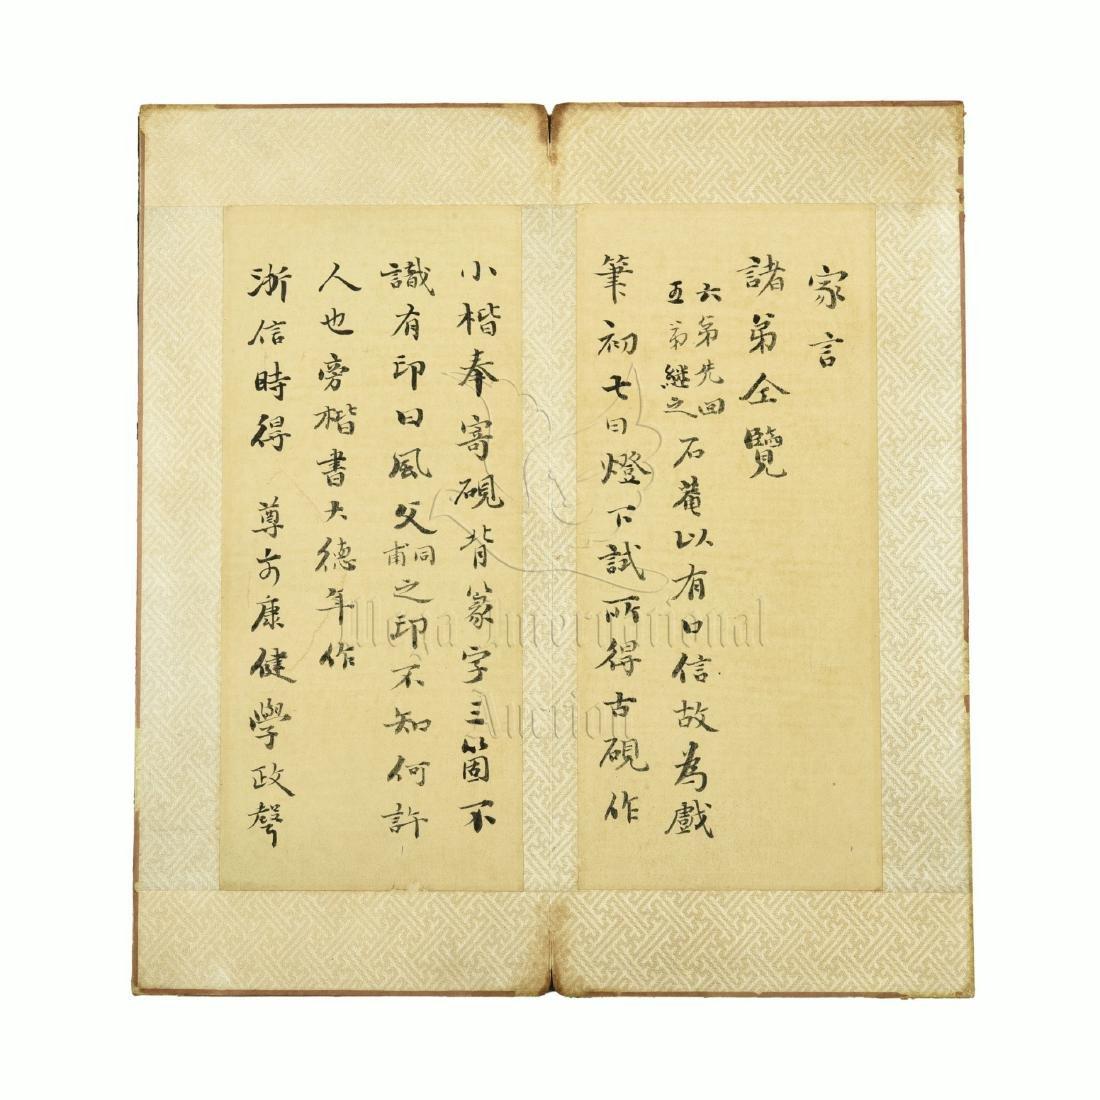 A FOLDED BOOK MANUSCRIPT - 19